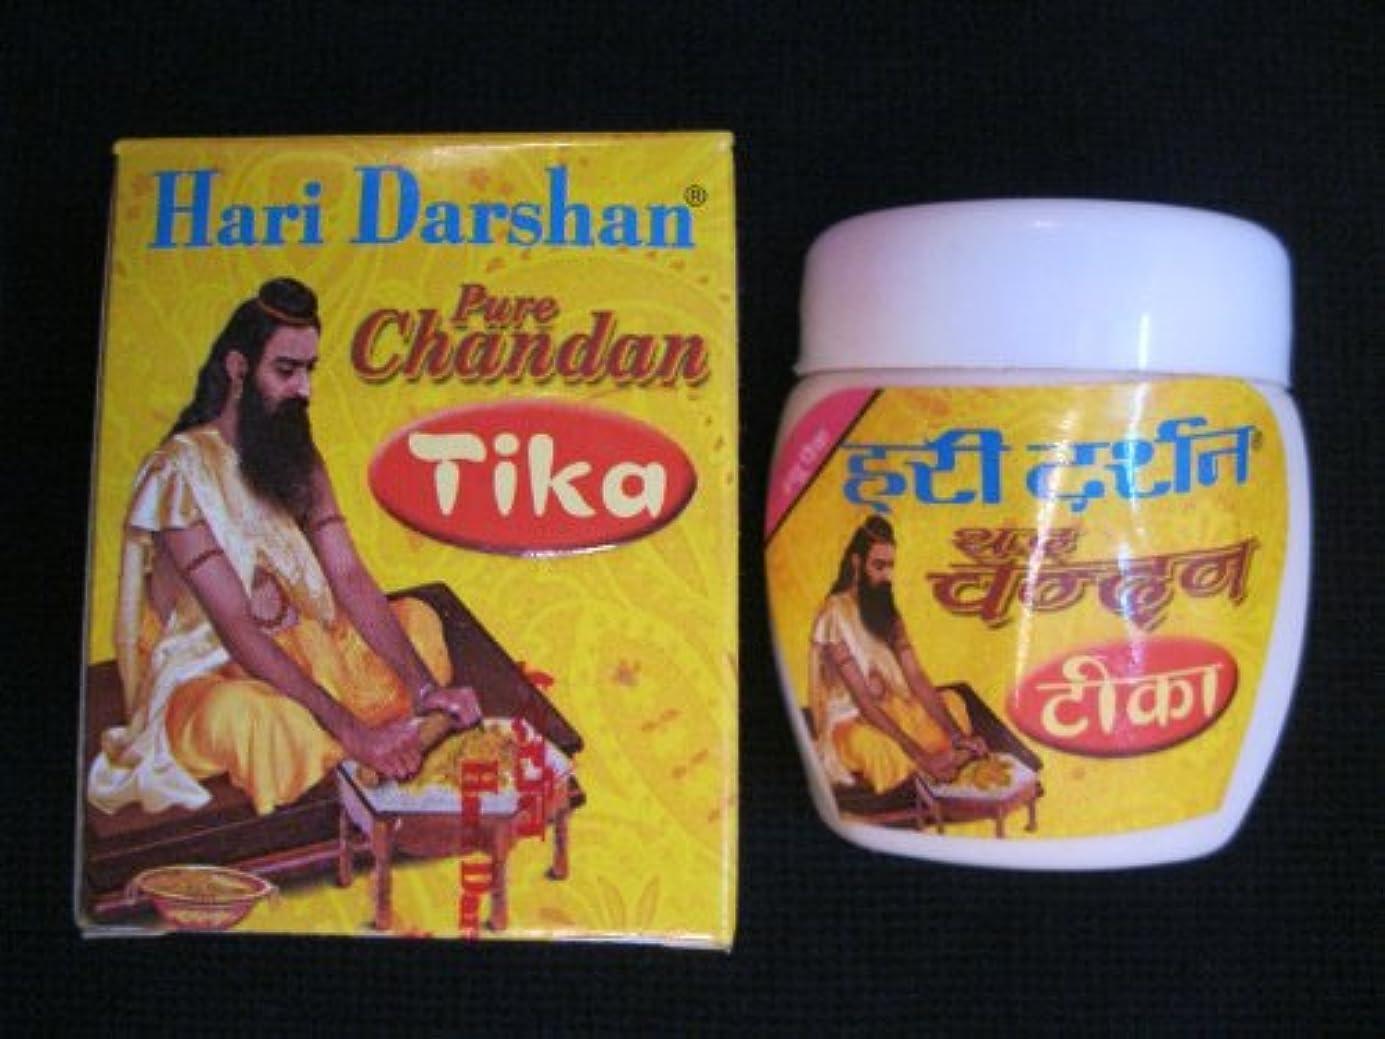 免除博物館眉Pureサンダルウッド( Chandan Tikka ) paste-80 gms